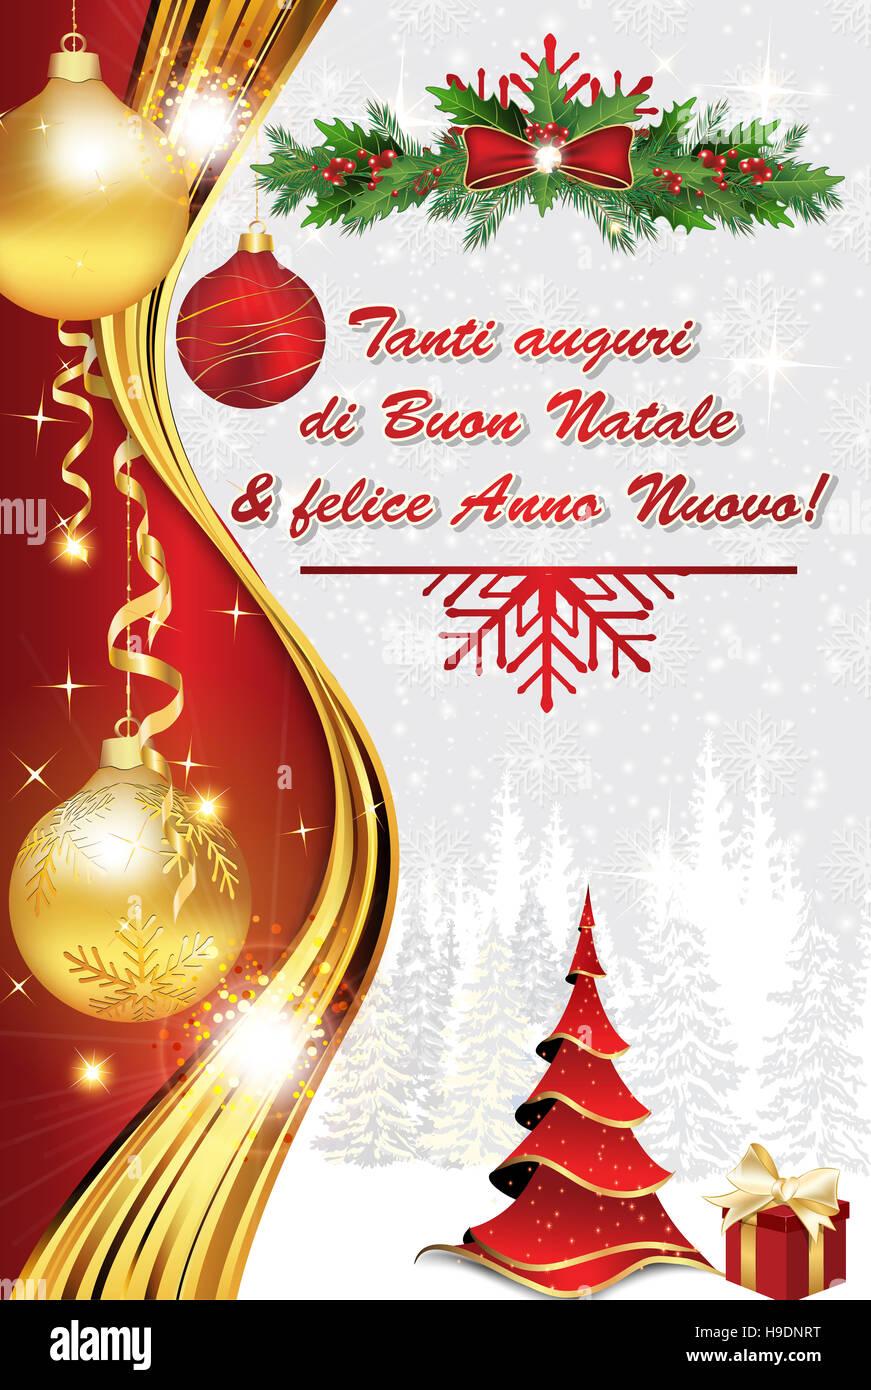 Foto Con Auguri Di Buon Natale.Auguri Di Buon Natale Con Immagini